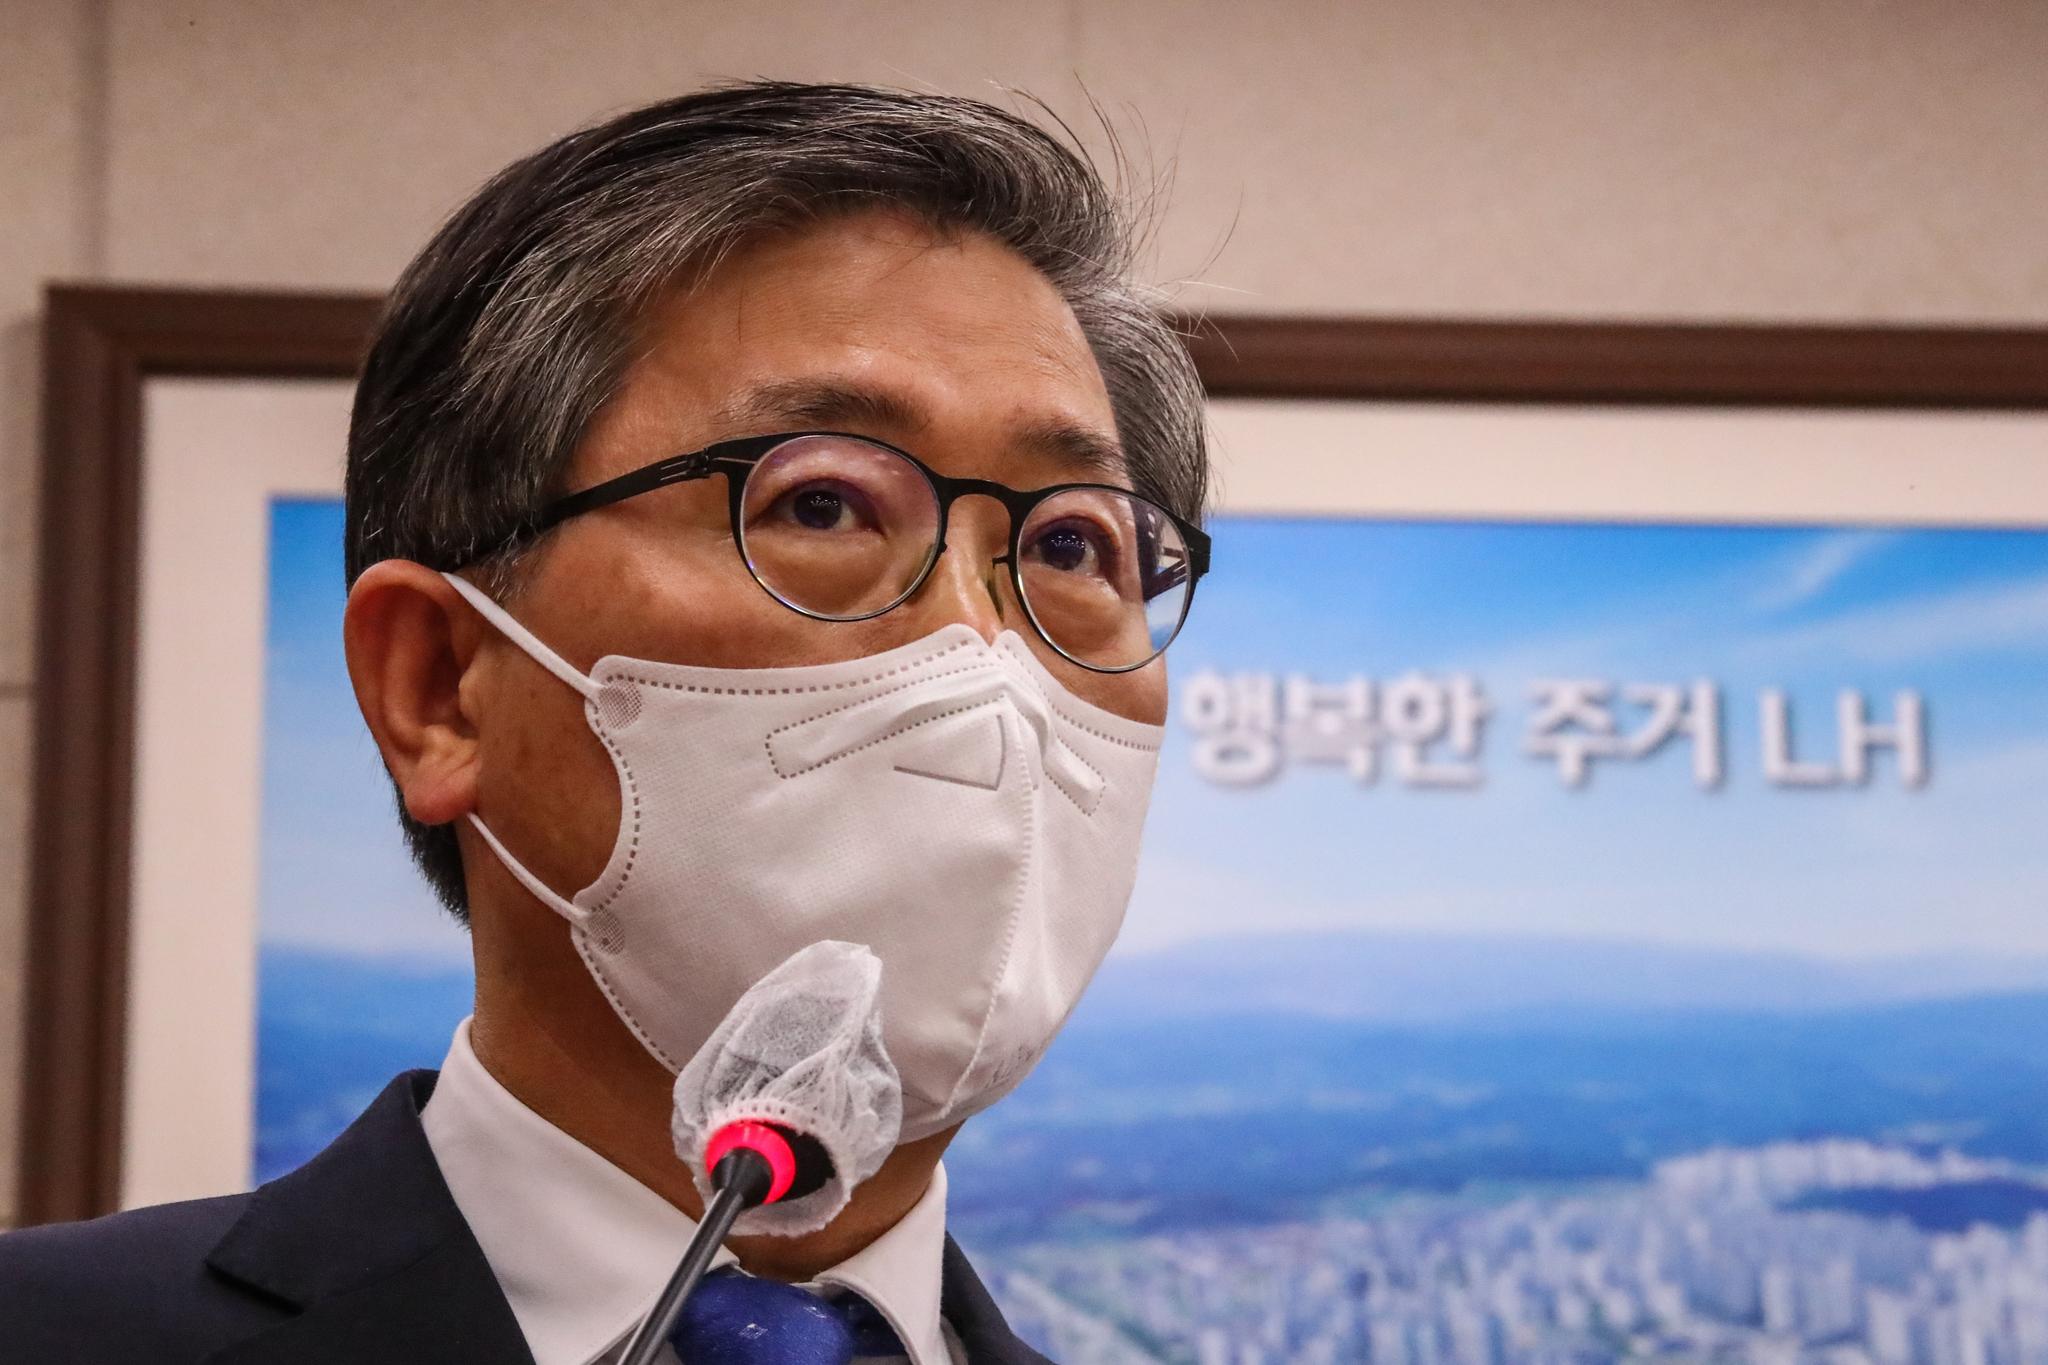 변창흠 국토교통부 장관이 9일 국회에서 열린 국토교통위원회 전체회의에서 현안 보고를 하고 있다. 연합뉴스